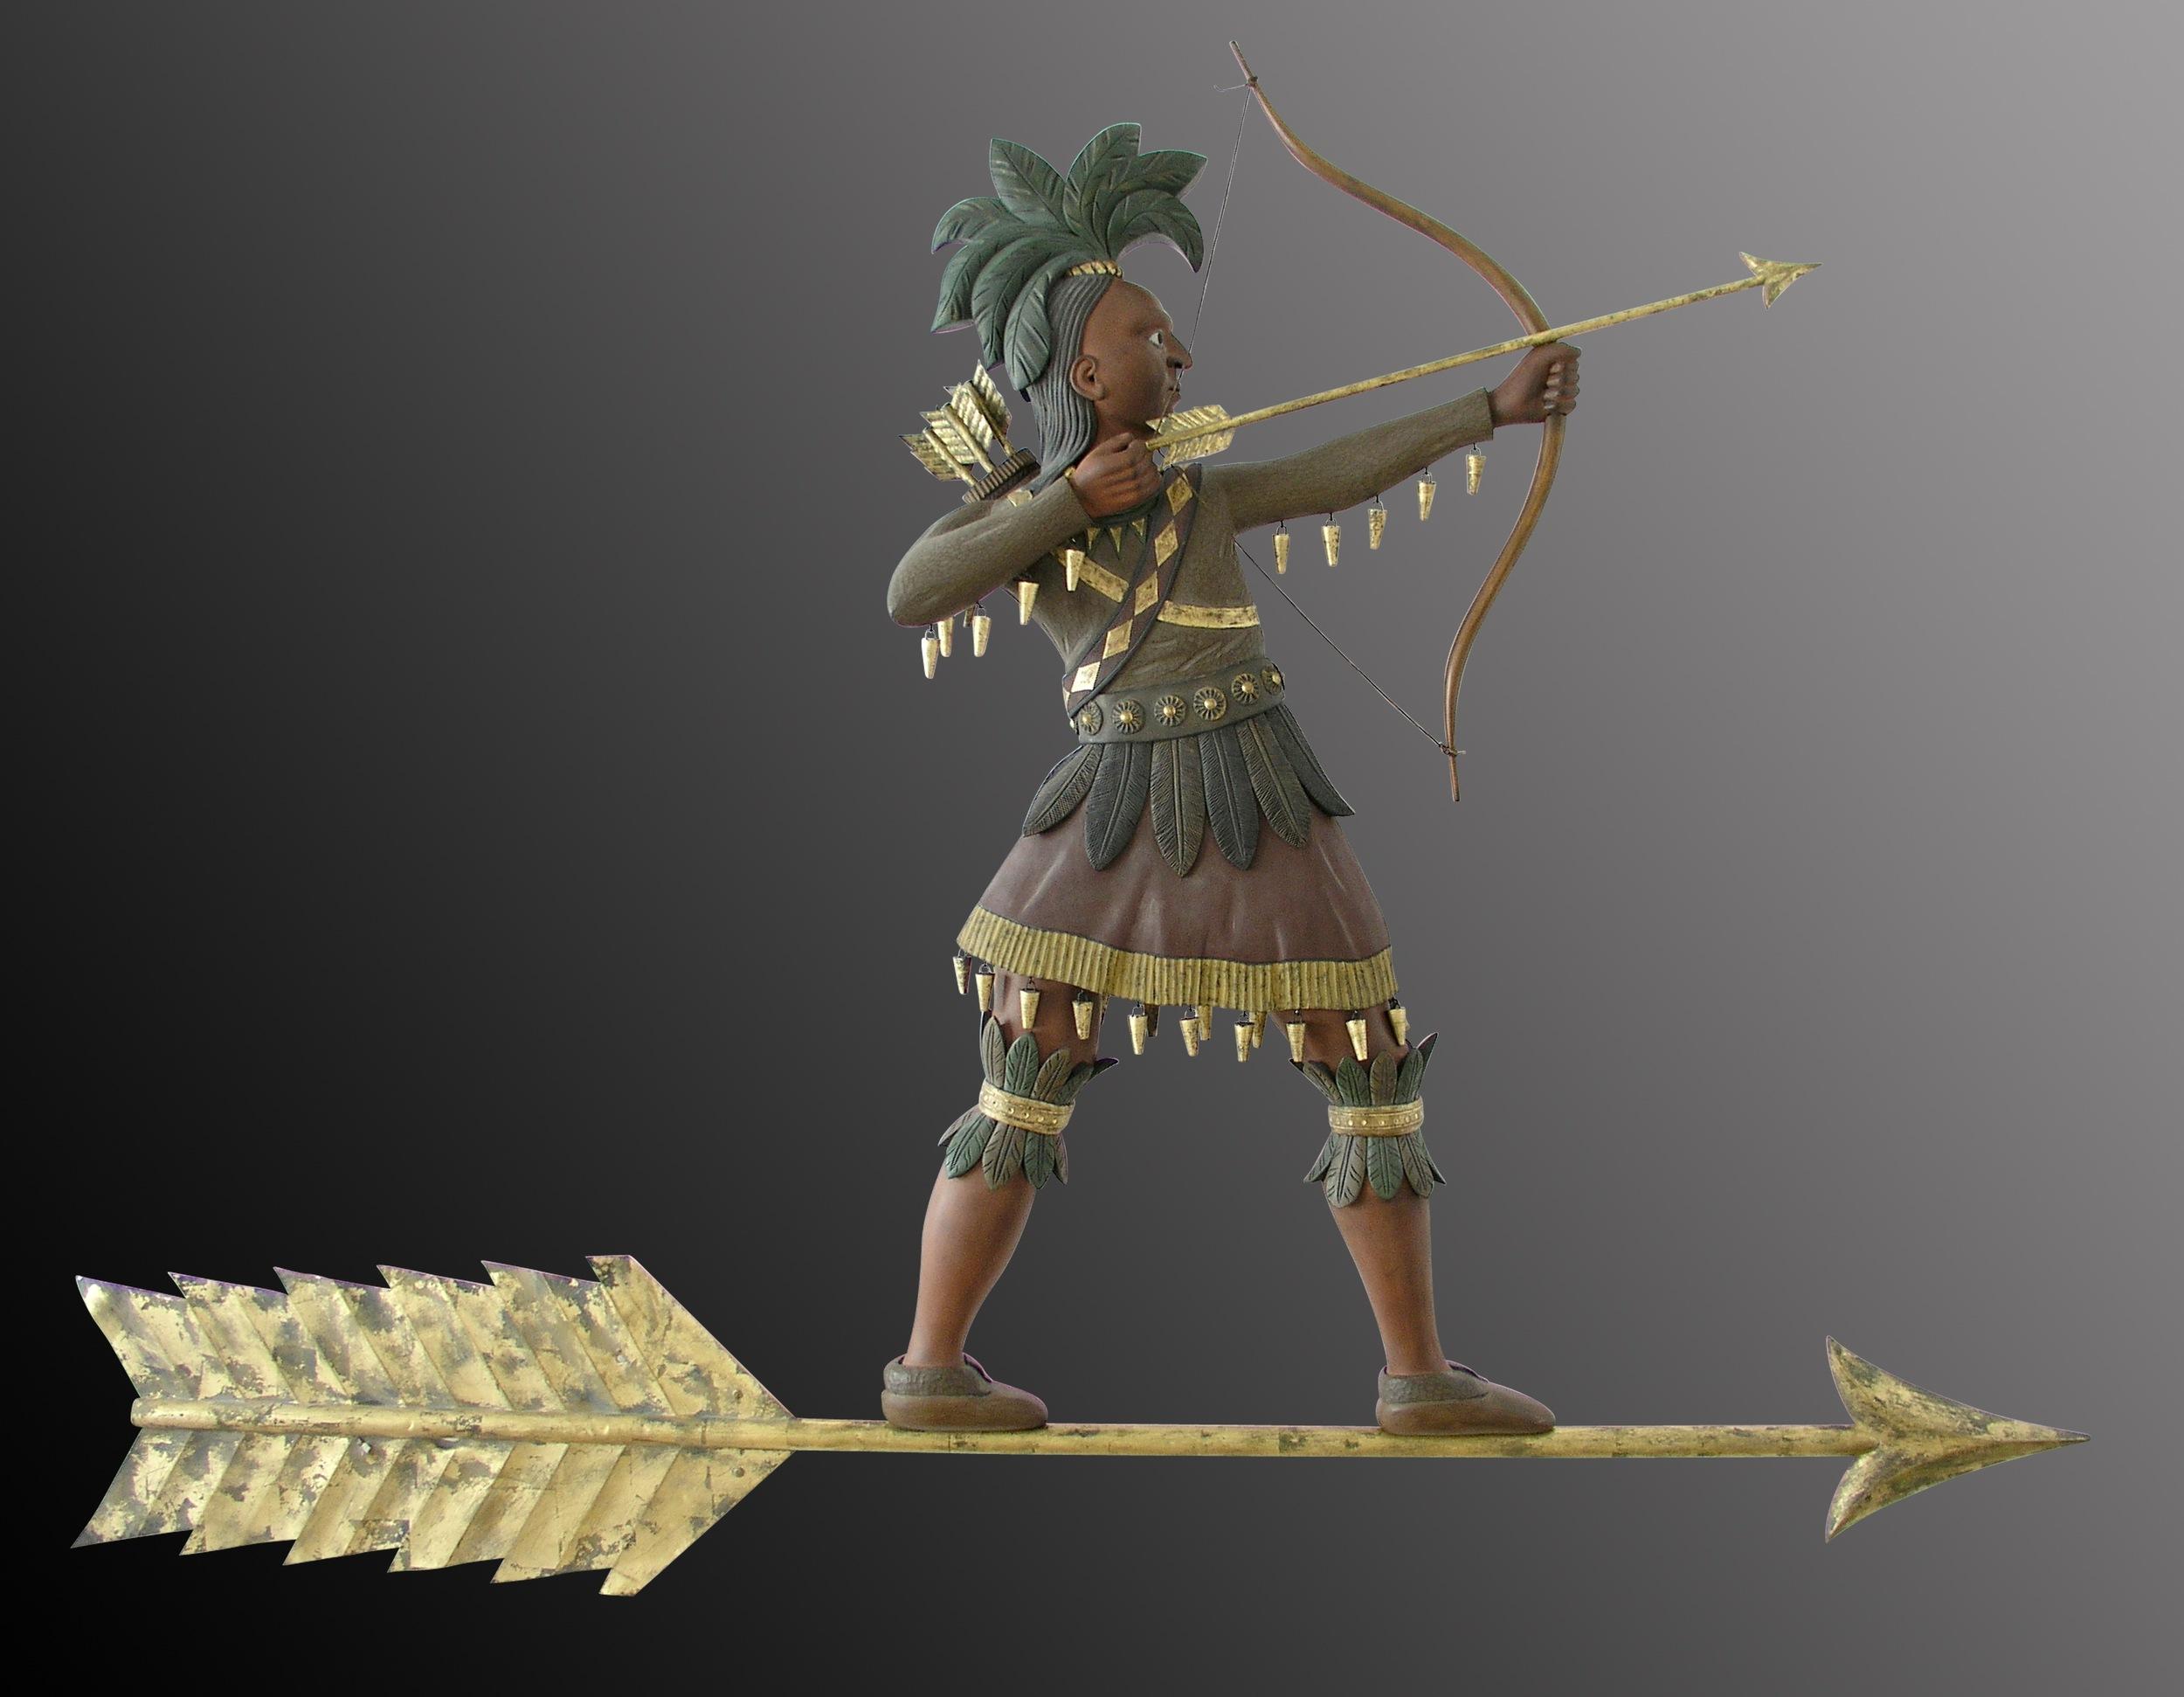 Indian on an Arrow